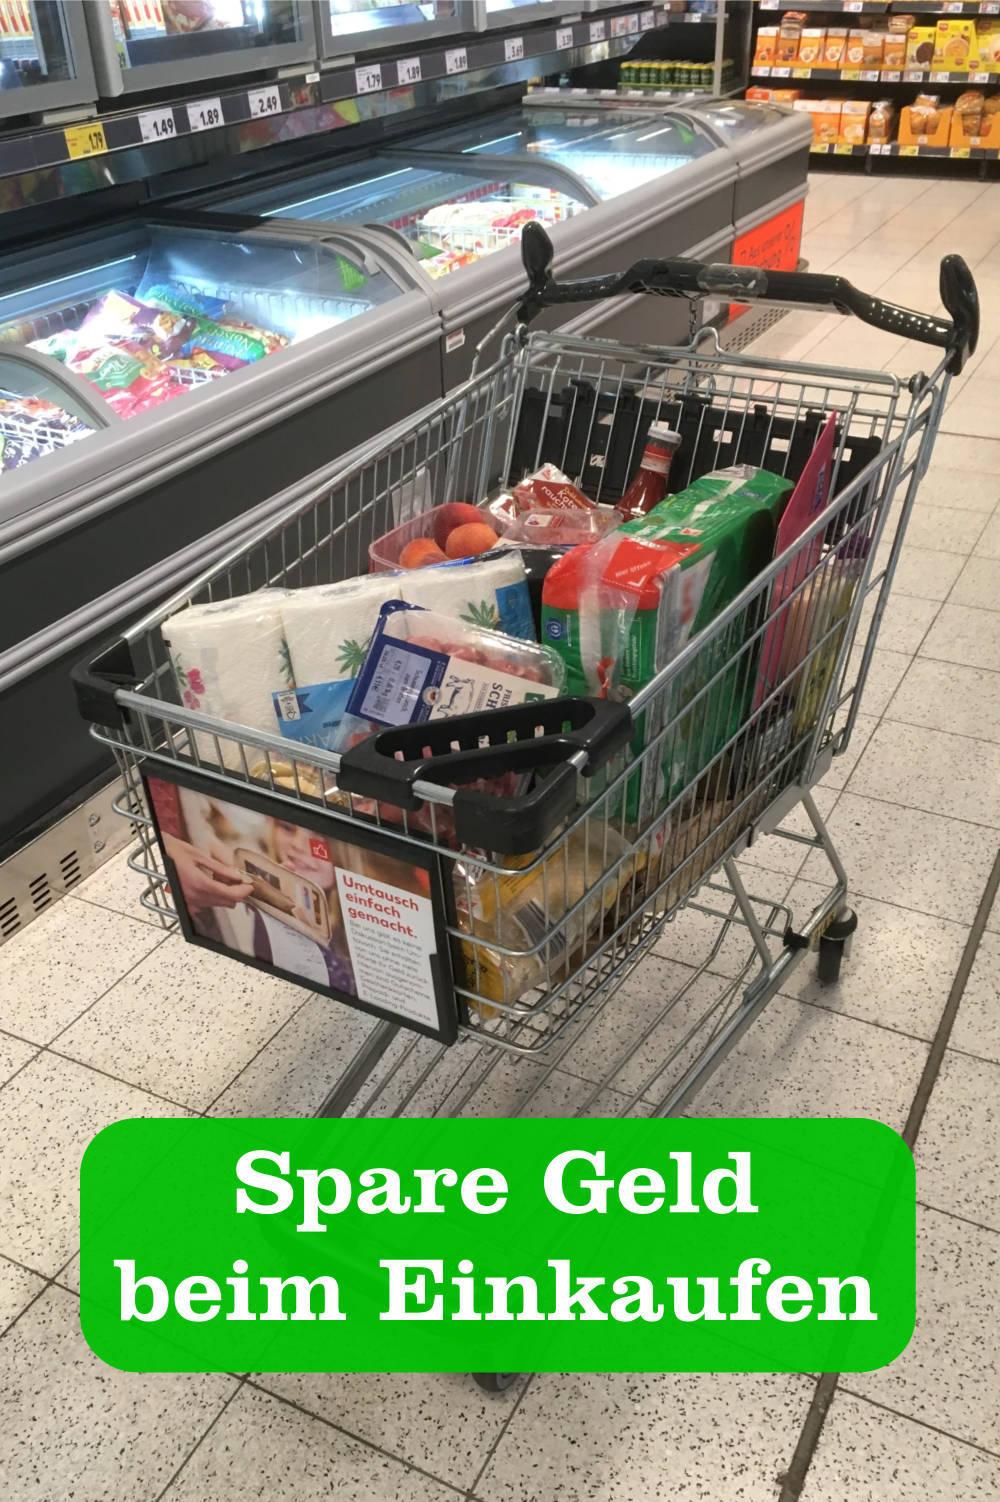 50 Euro sparen beim Einkaufen